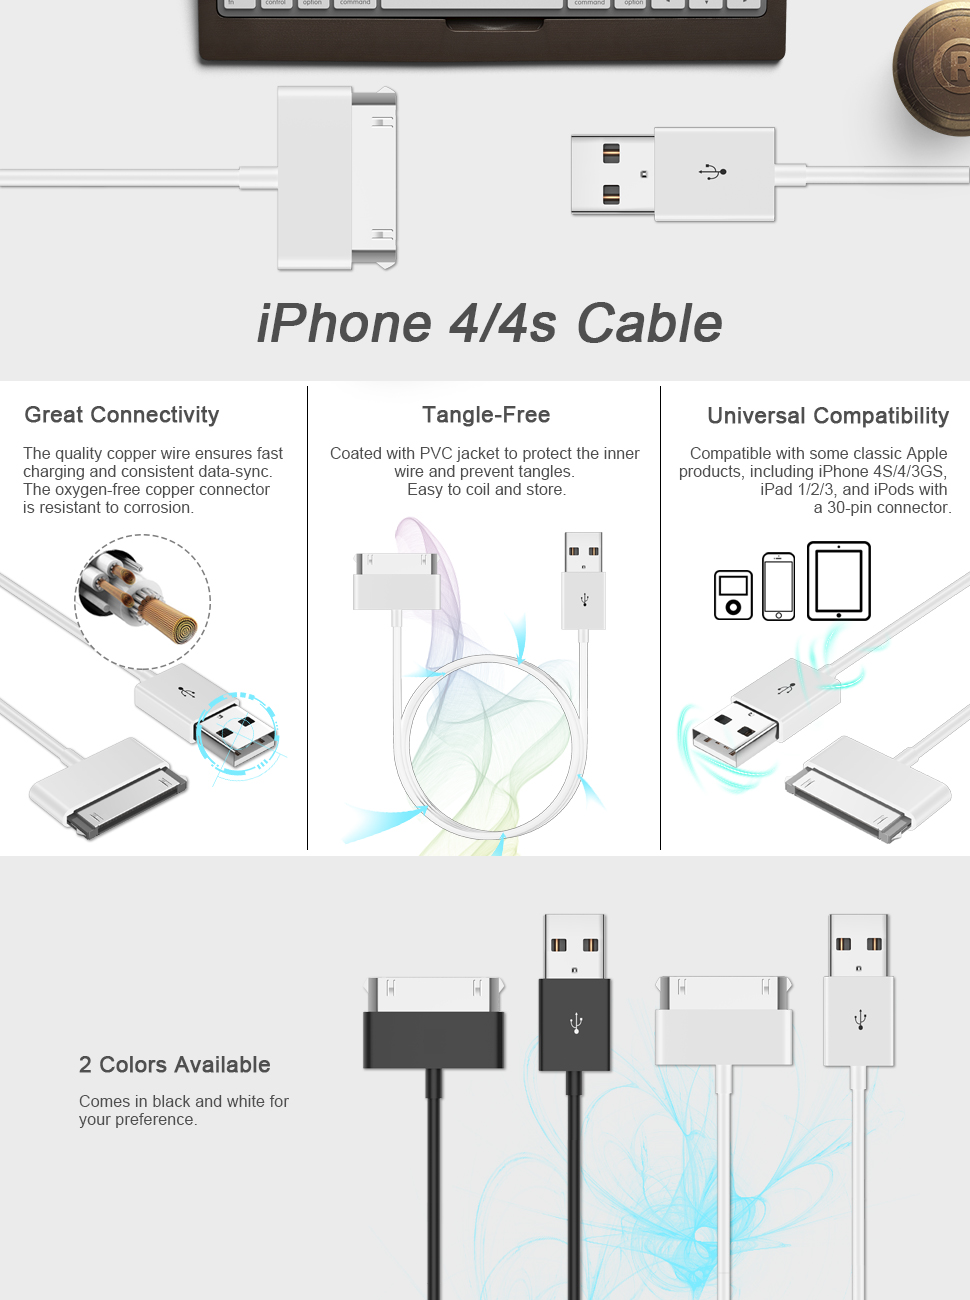 Sensational Iphone Wiring Diagram Wiring Diagram Wiring Cloud Icalpermsplehendilmohammedshrineorg